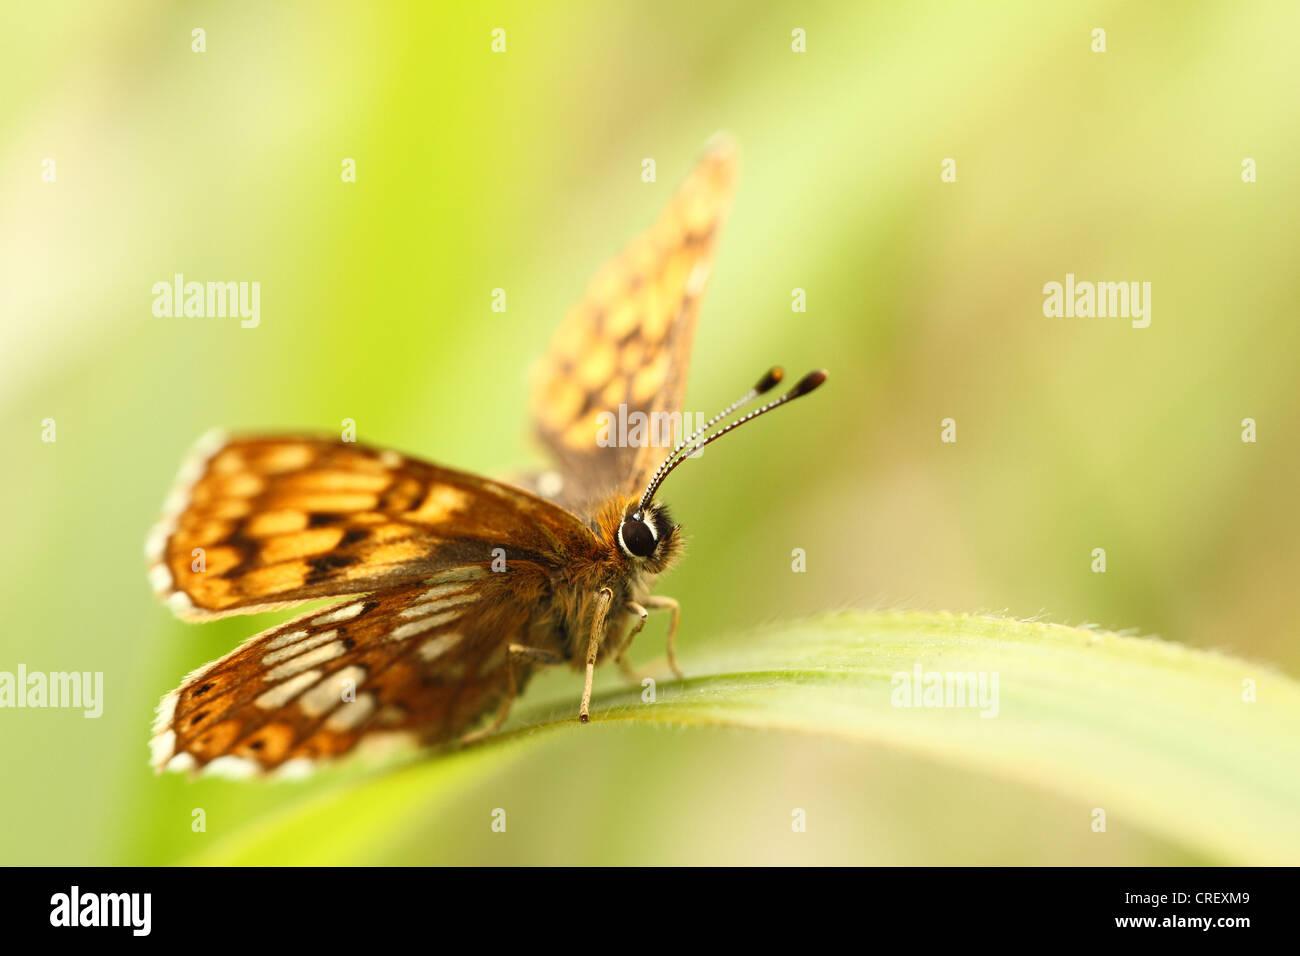 Herzog von Burgund Schmetterling im Bentley Holz, Wiltshire Stockbild